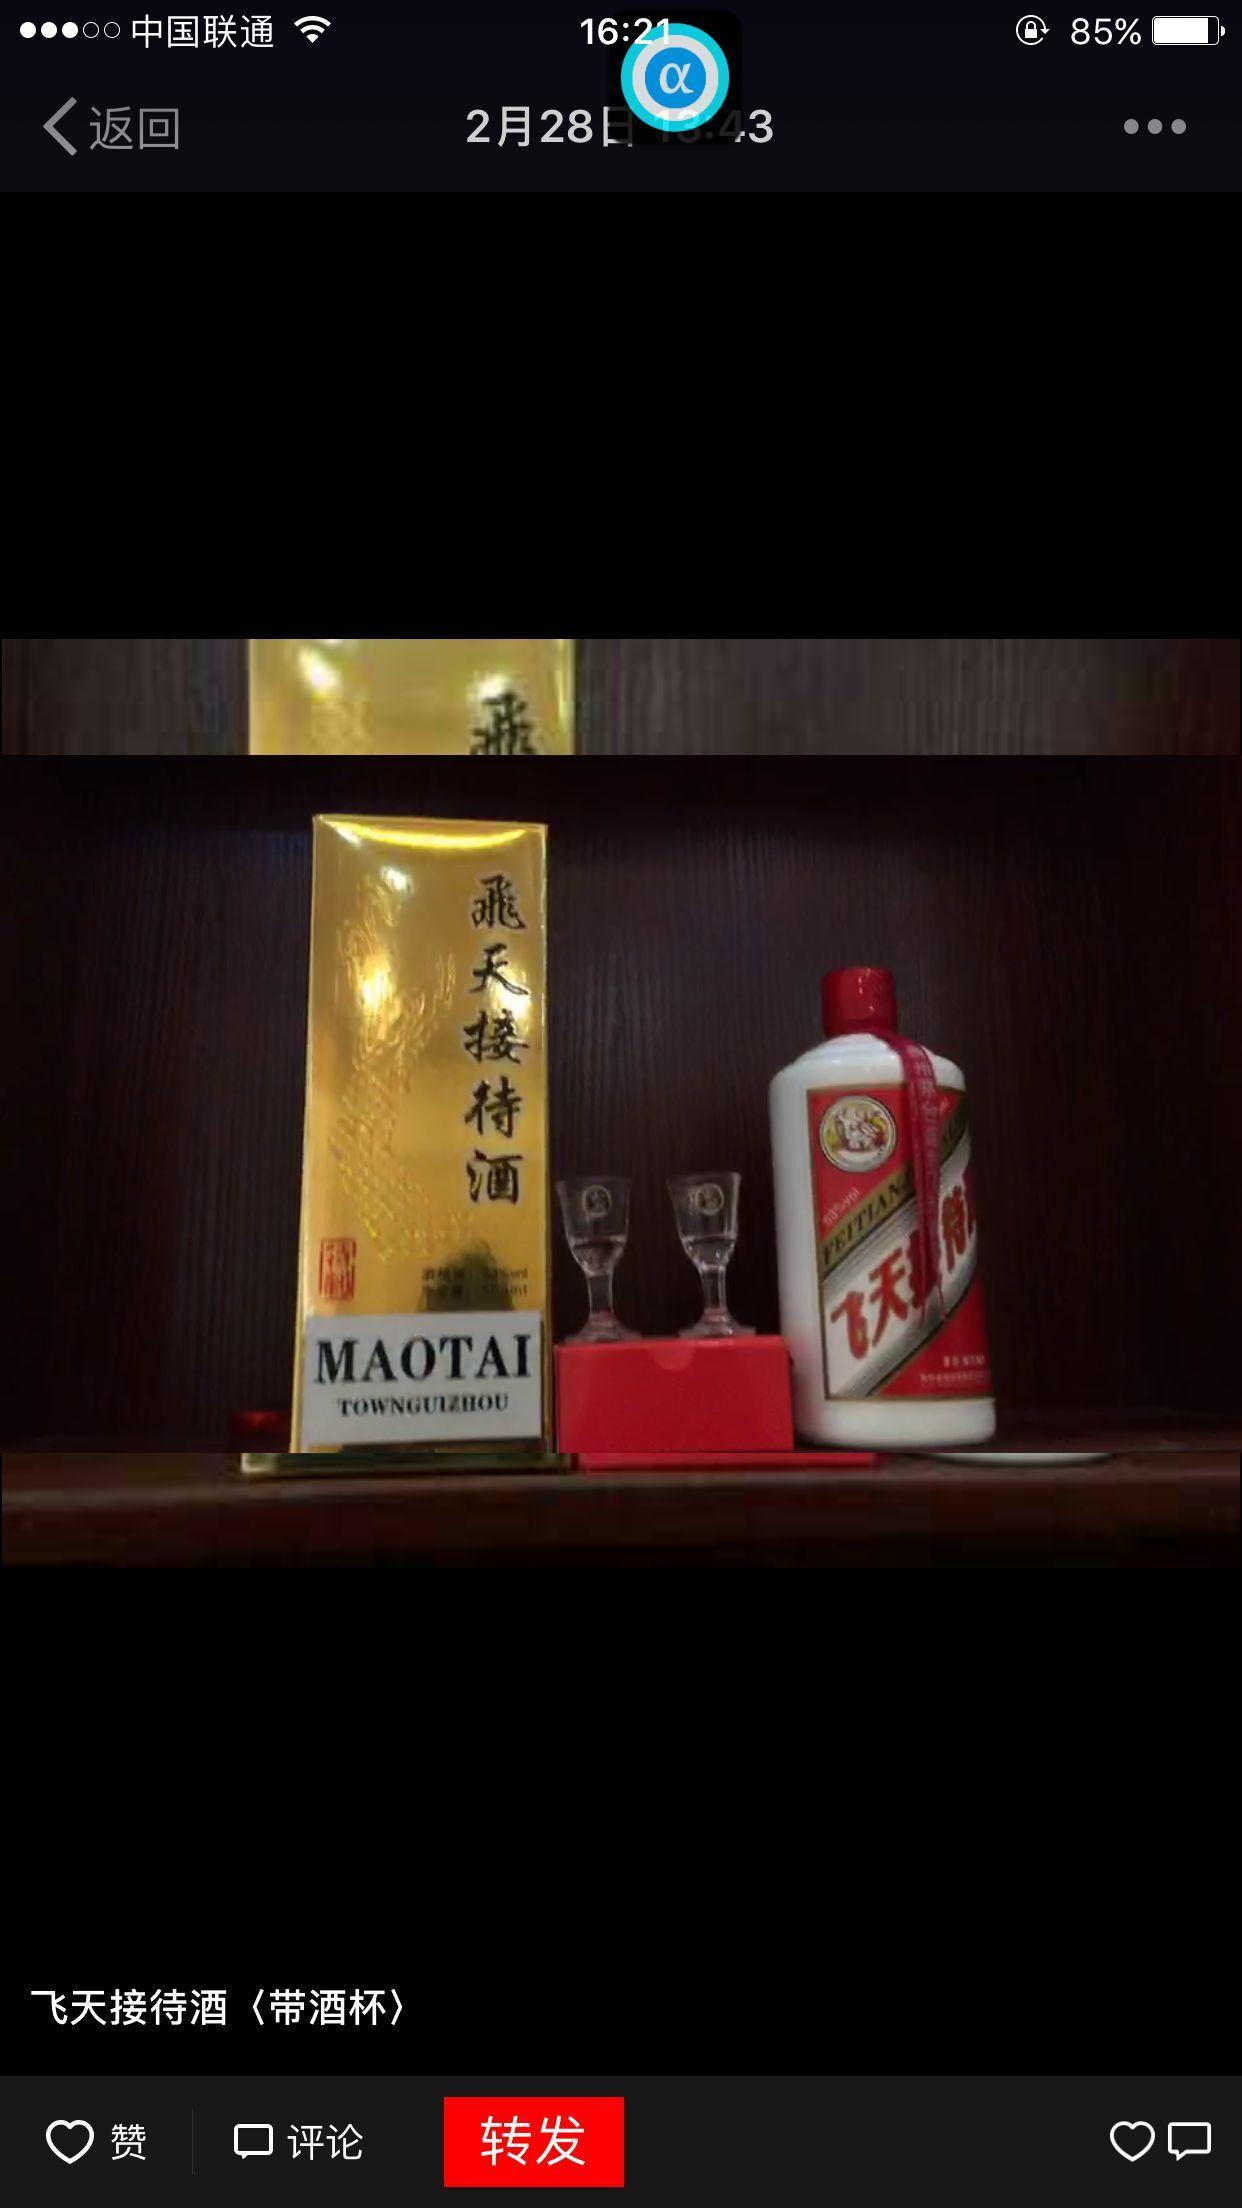 这是第7张贵州茅台镇洞藏老酒厂家的货源图片